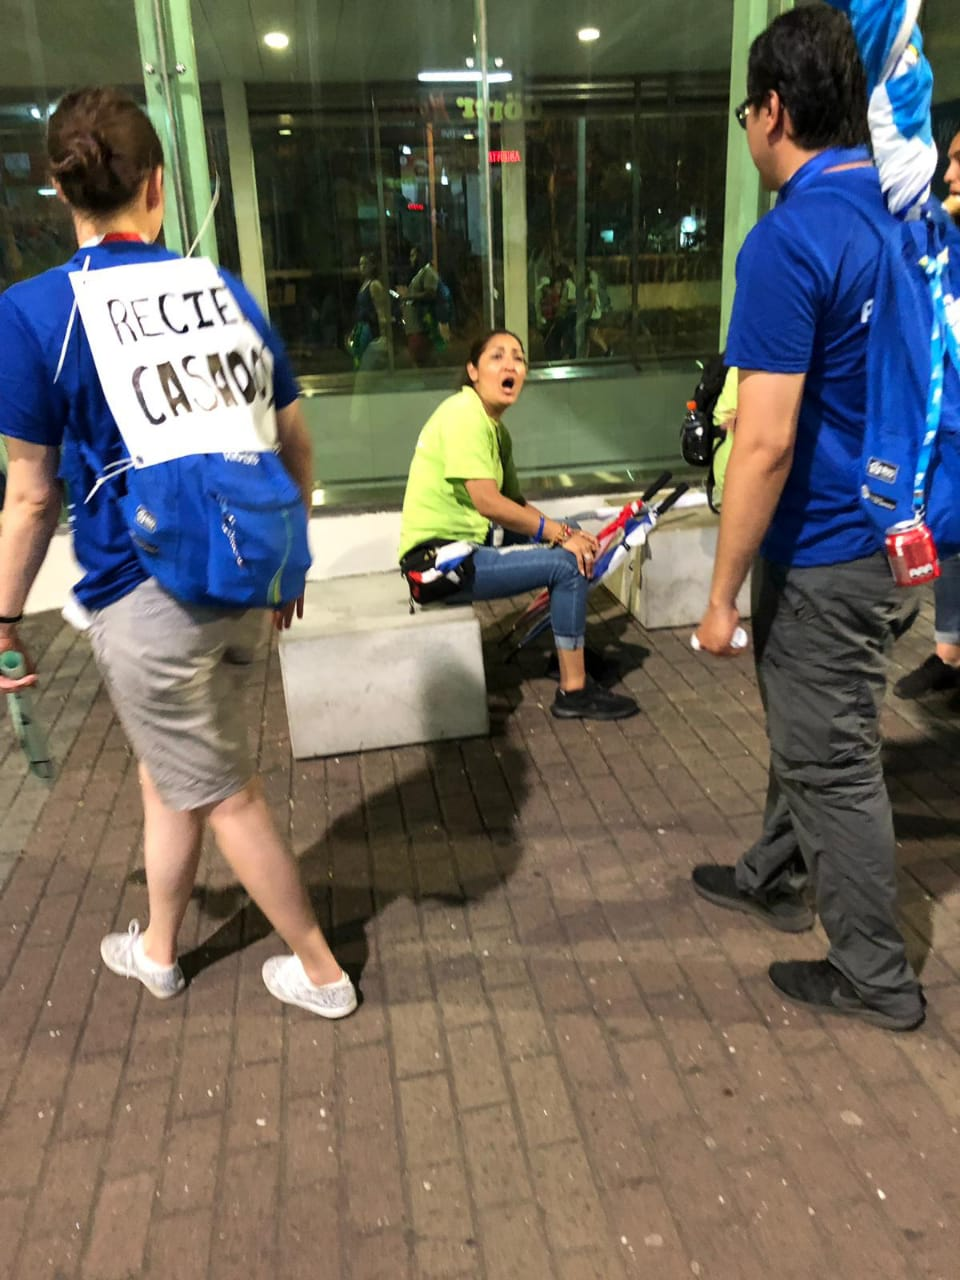 """A foto mostra o casal Soledad e Milton de costas com camisetas azuis e a mochila azul da JMJ no Rio. Soledad tem na costas um cartaz escrito """"recién casados""""."""